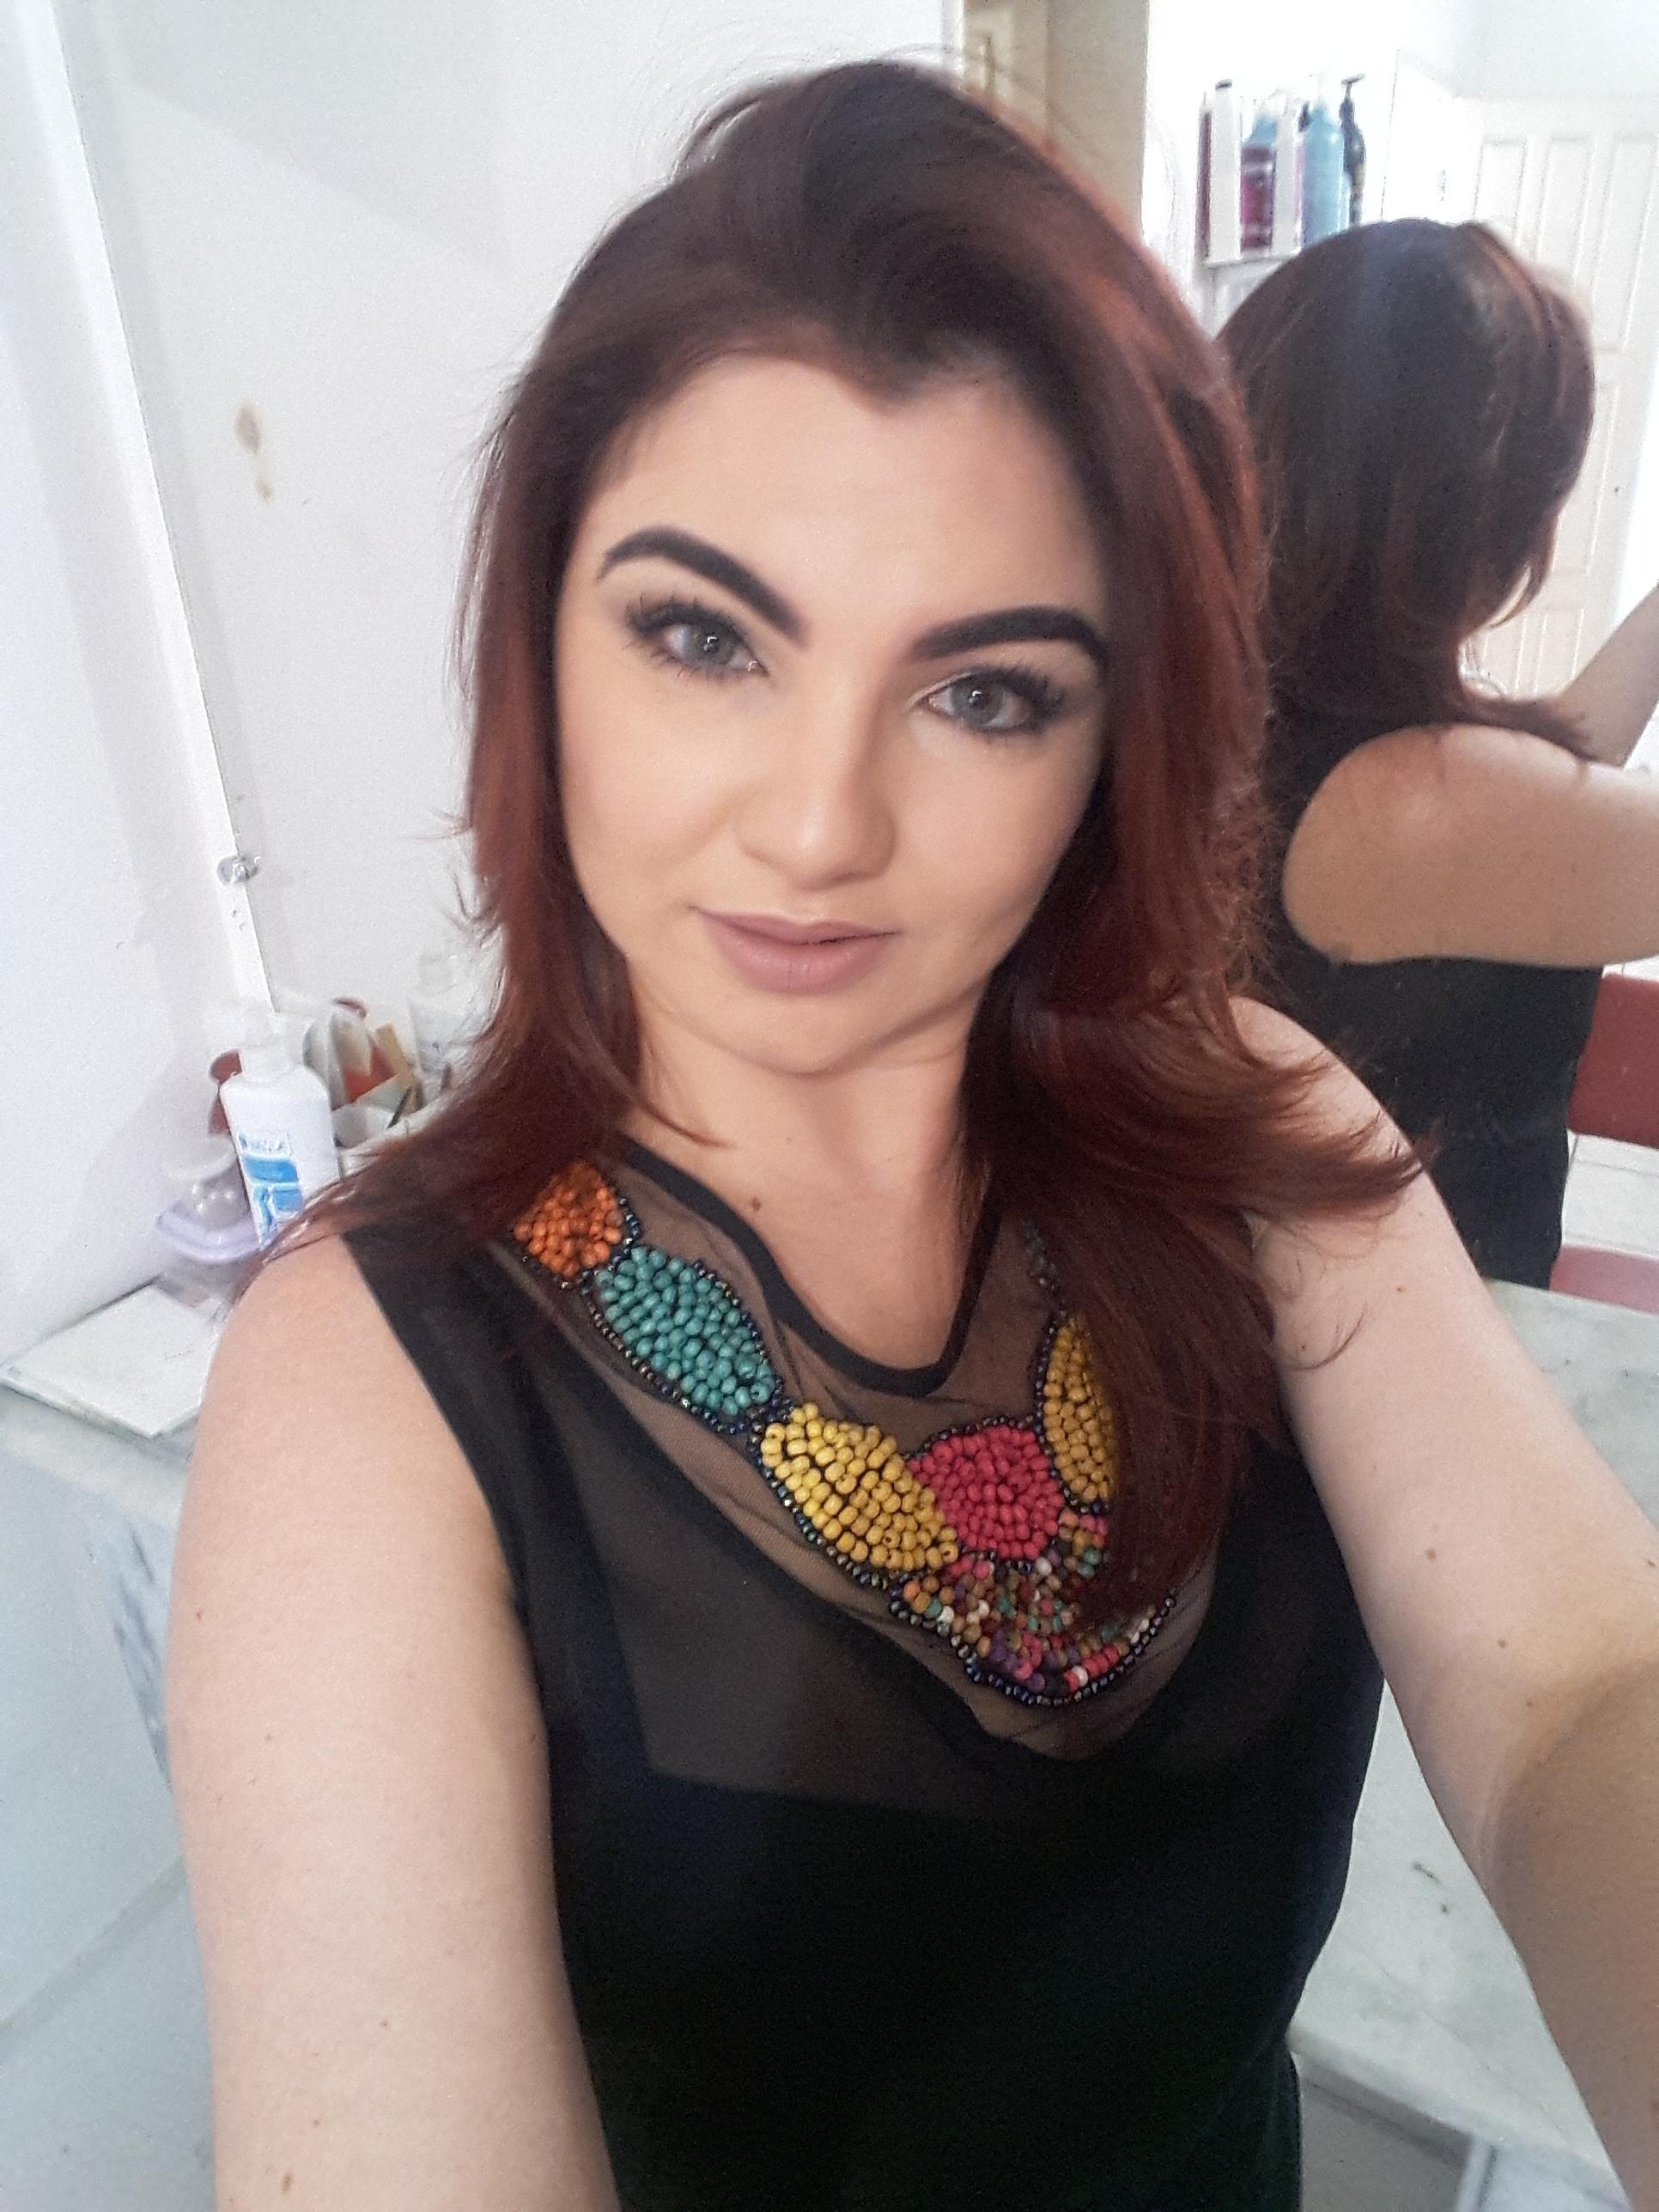 Cuidando da beleza. Maquiagem by me maquiagem dermopigmentador(a) designer de sobrancelhas maquiador(a)